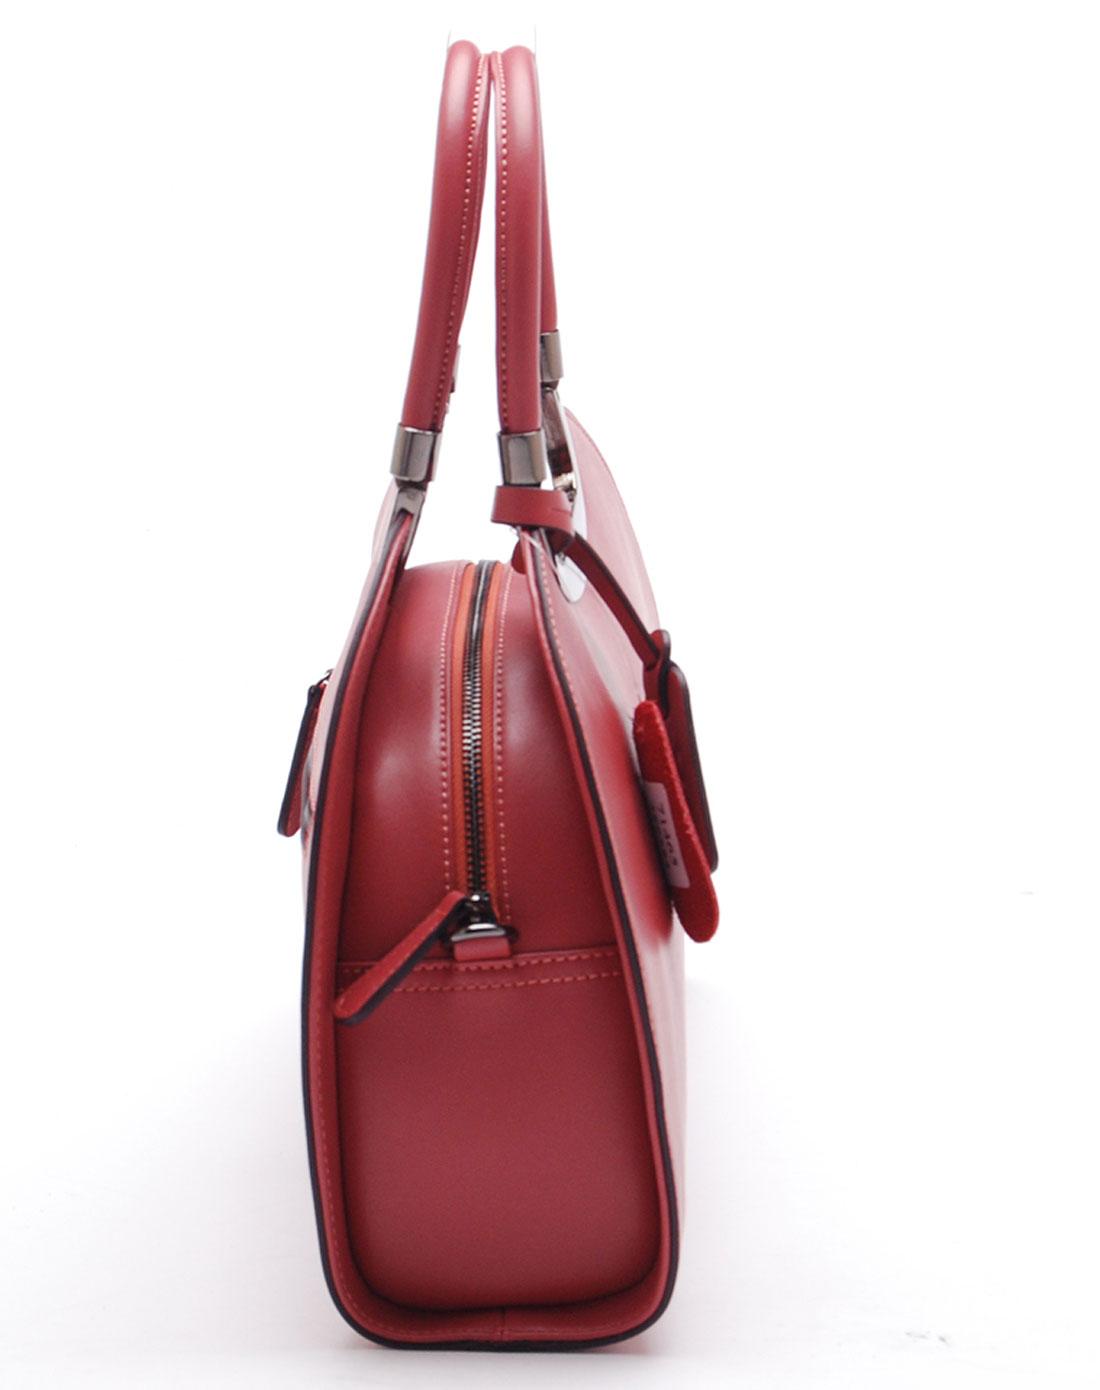 简约半圆形夕阳红色手提包